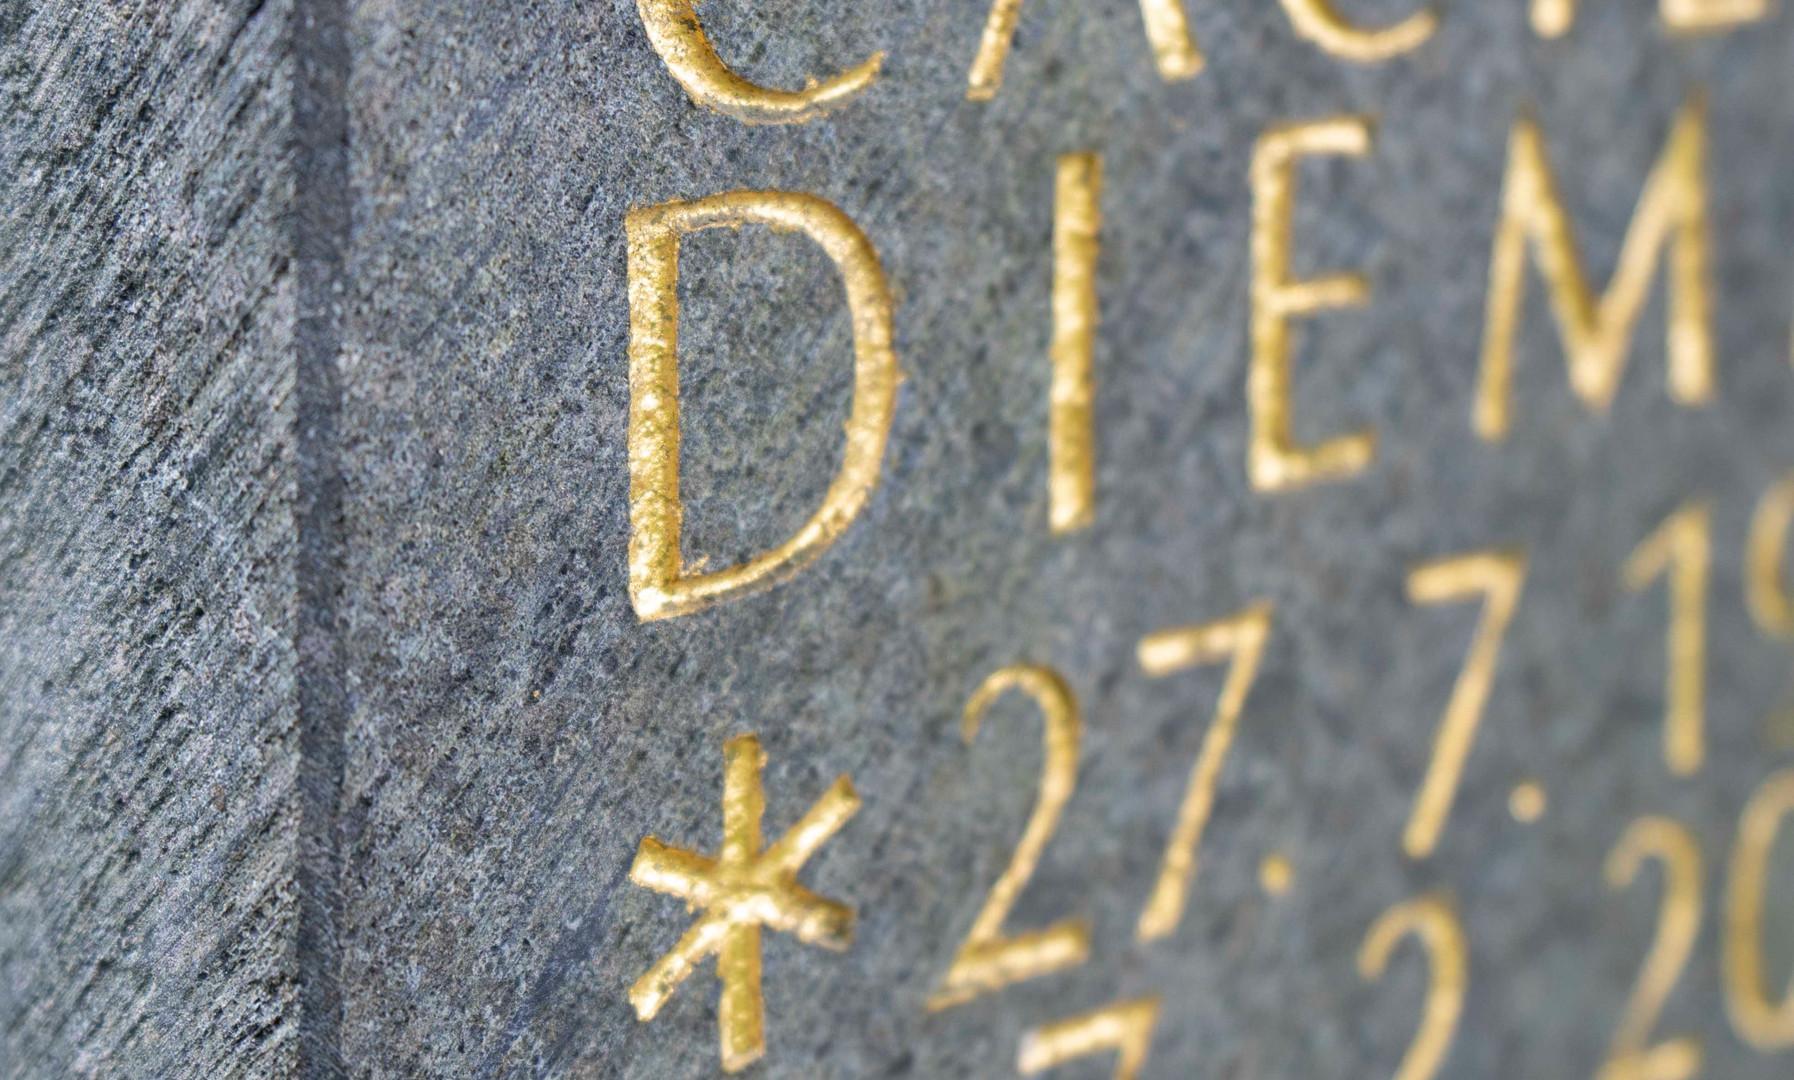 09-Urnengrab-Urnenstein-Inschrift-Steinm